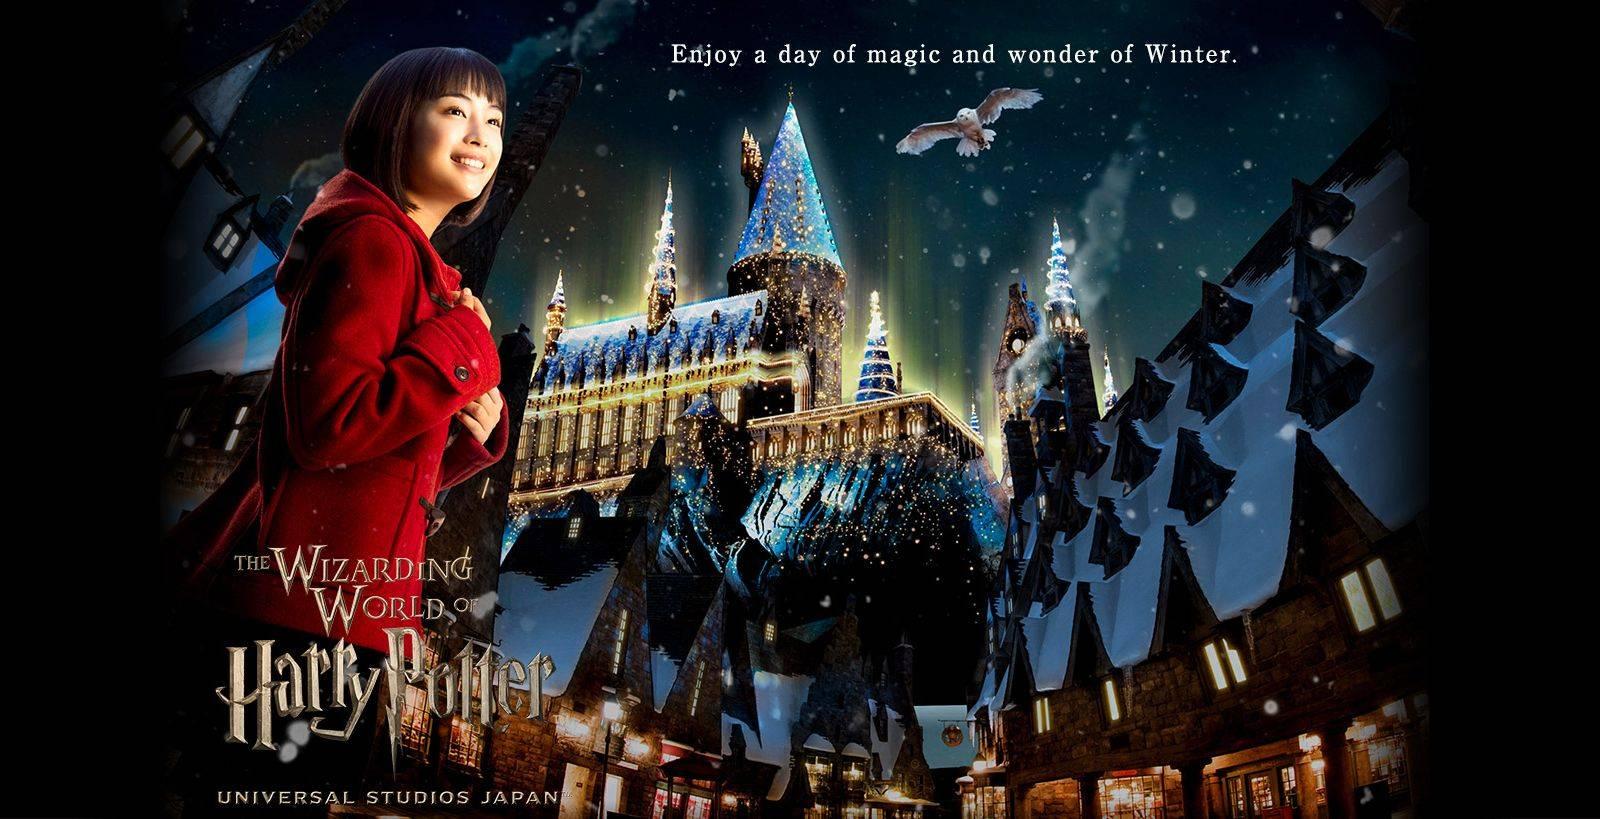 ตั๋วและบัตรเข้าสวนสนุก สถานที่ท่องเที่ยว ผลิตภัณฑ์ และบริการอื่นๆ ราคาพิเศษ l Special Deals for Attraction Tickets & Travel Products